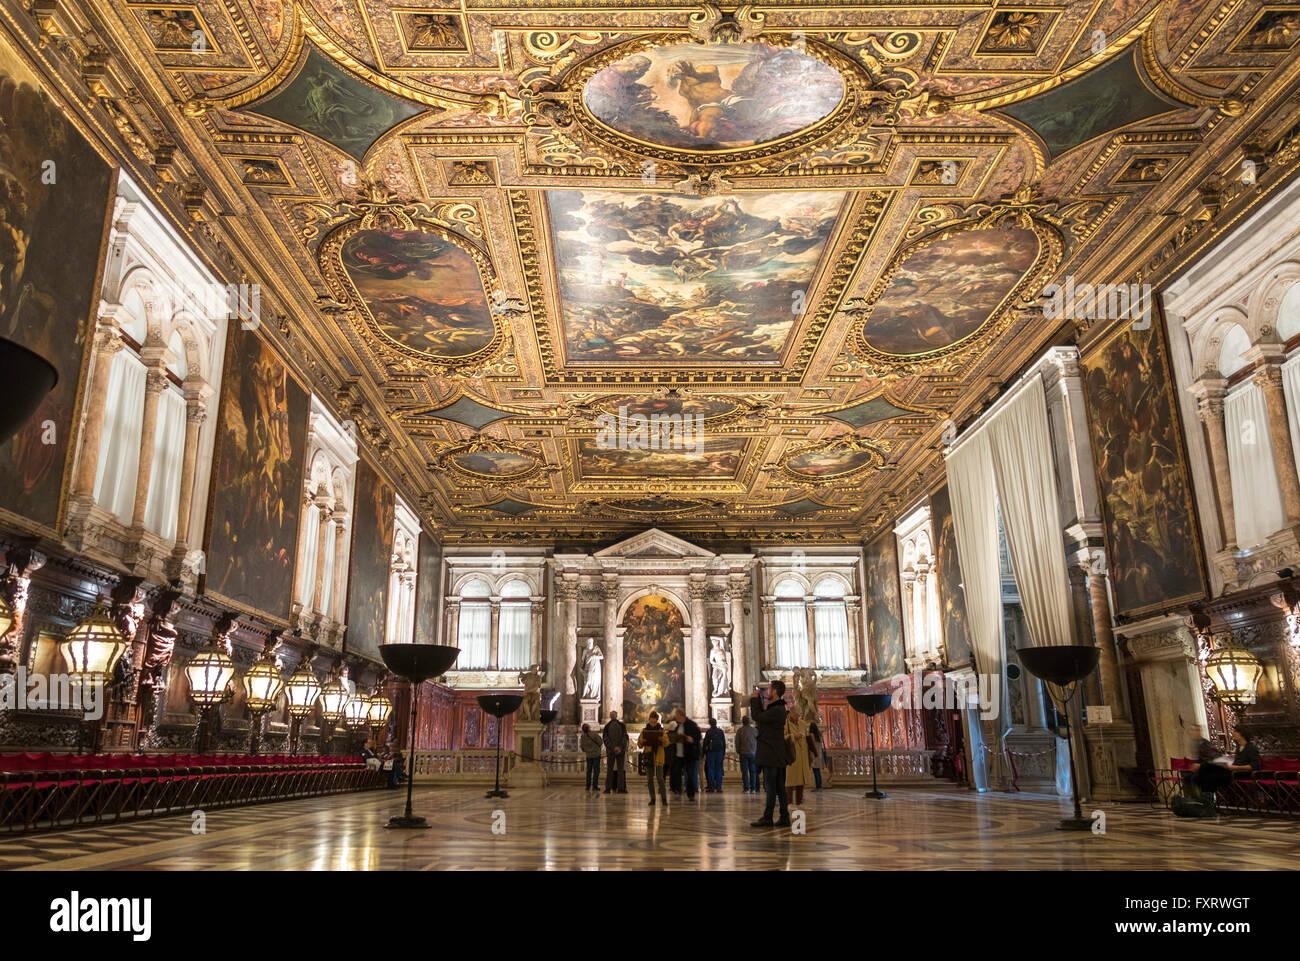 Venise, Scuola Grande di San Rocco, Sala Superiore - Upper Hall intérieur décoré par Le Tintoret. Photo Stock